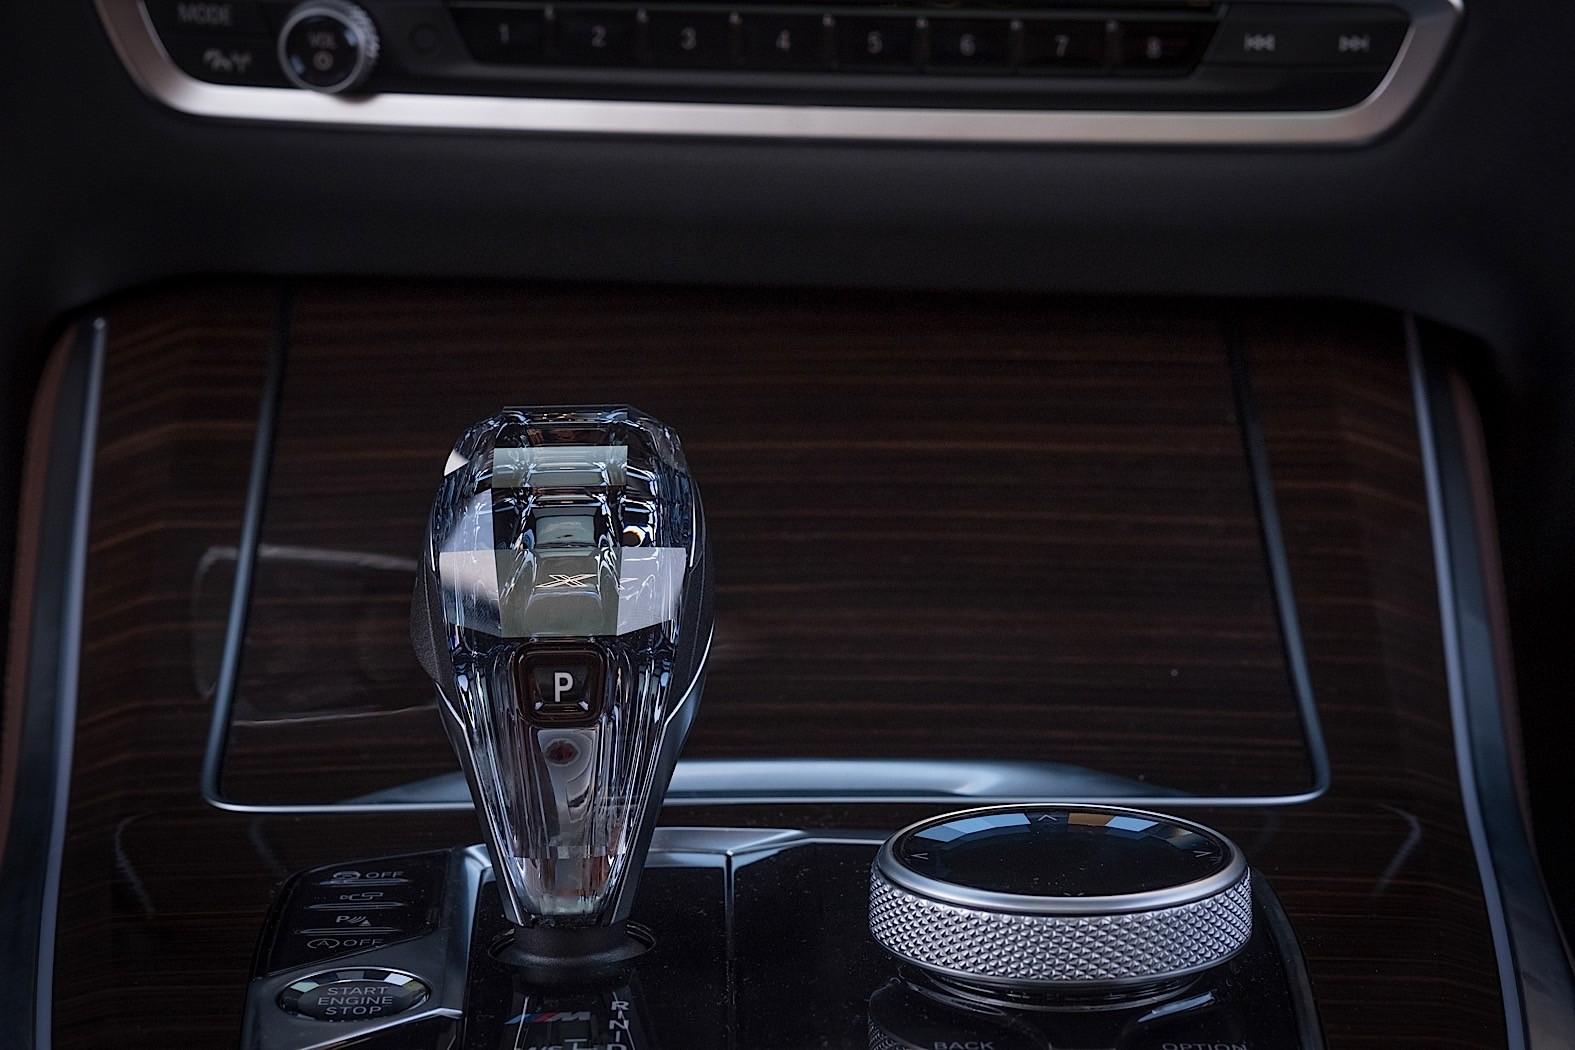 2018 Bmw X Bmw X5 >> Nine Ways in Which The 2019 BMW X5 (G05) Demolishes The BMW X5 (F15) - autoevolution